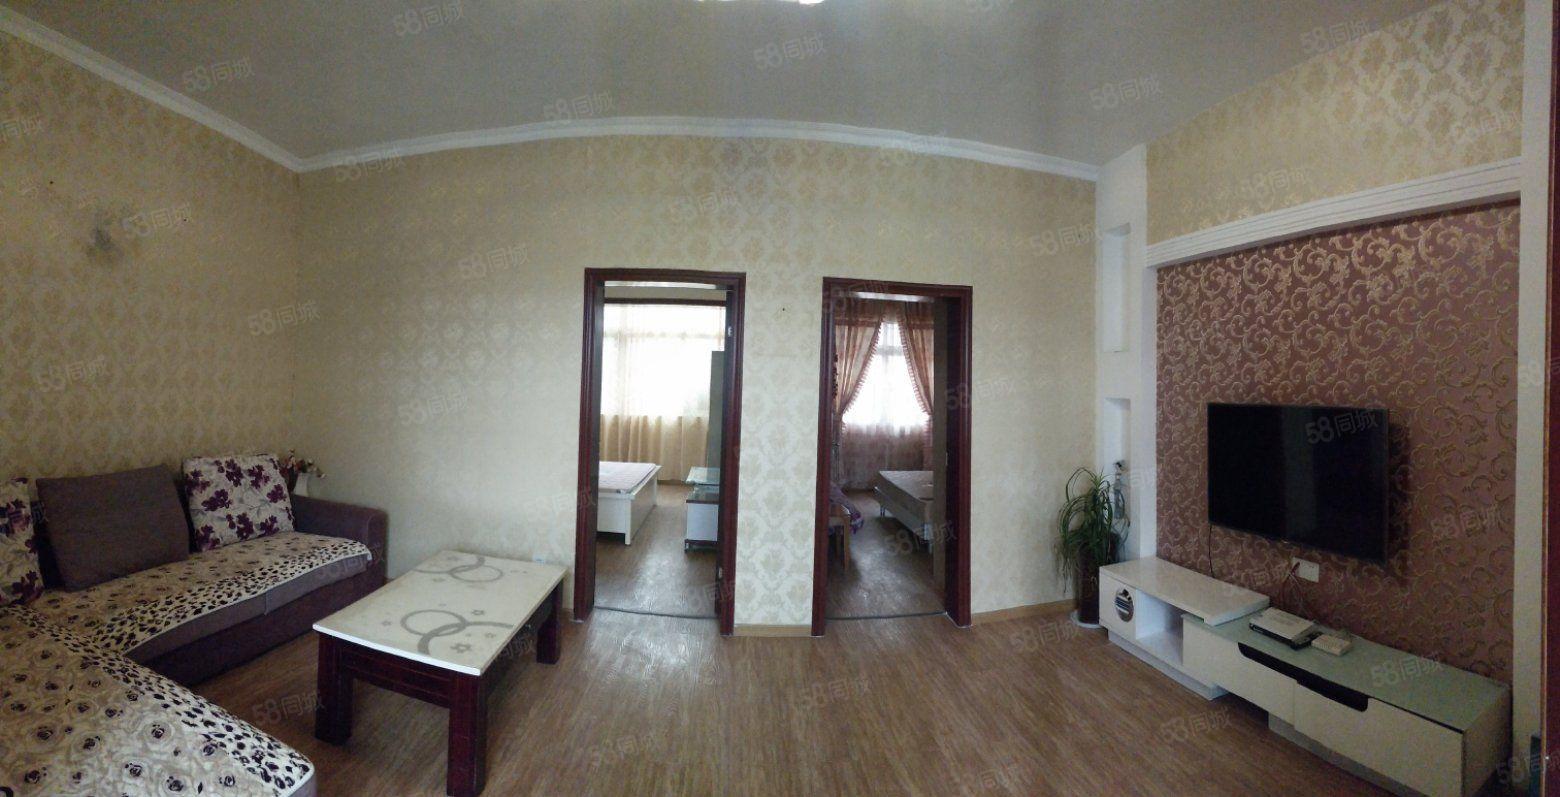 二小附近,两室两厅一卫,家具家电齐全拎包入住。